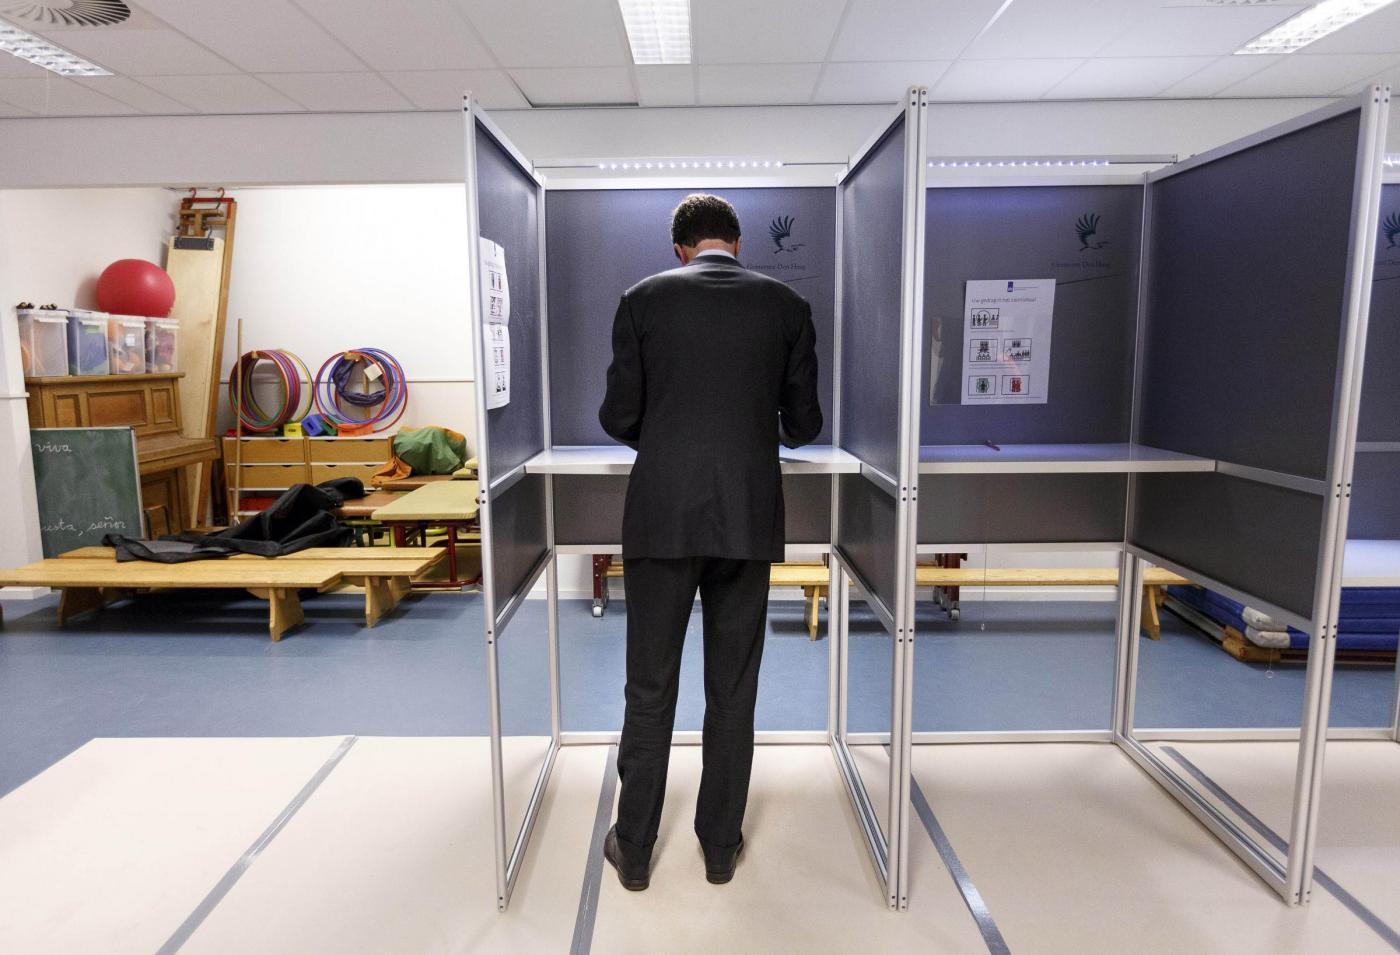 Elezioni europee 2014, seggi elettorali aperti: al via la maratona